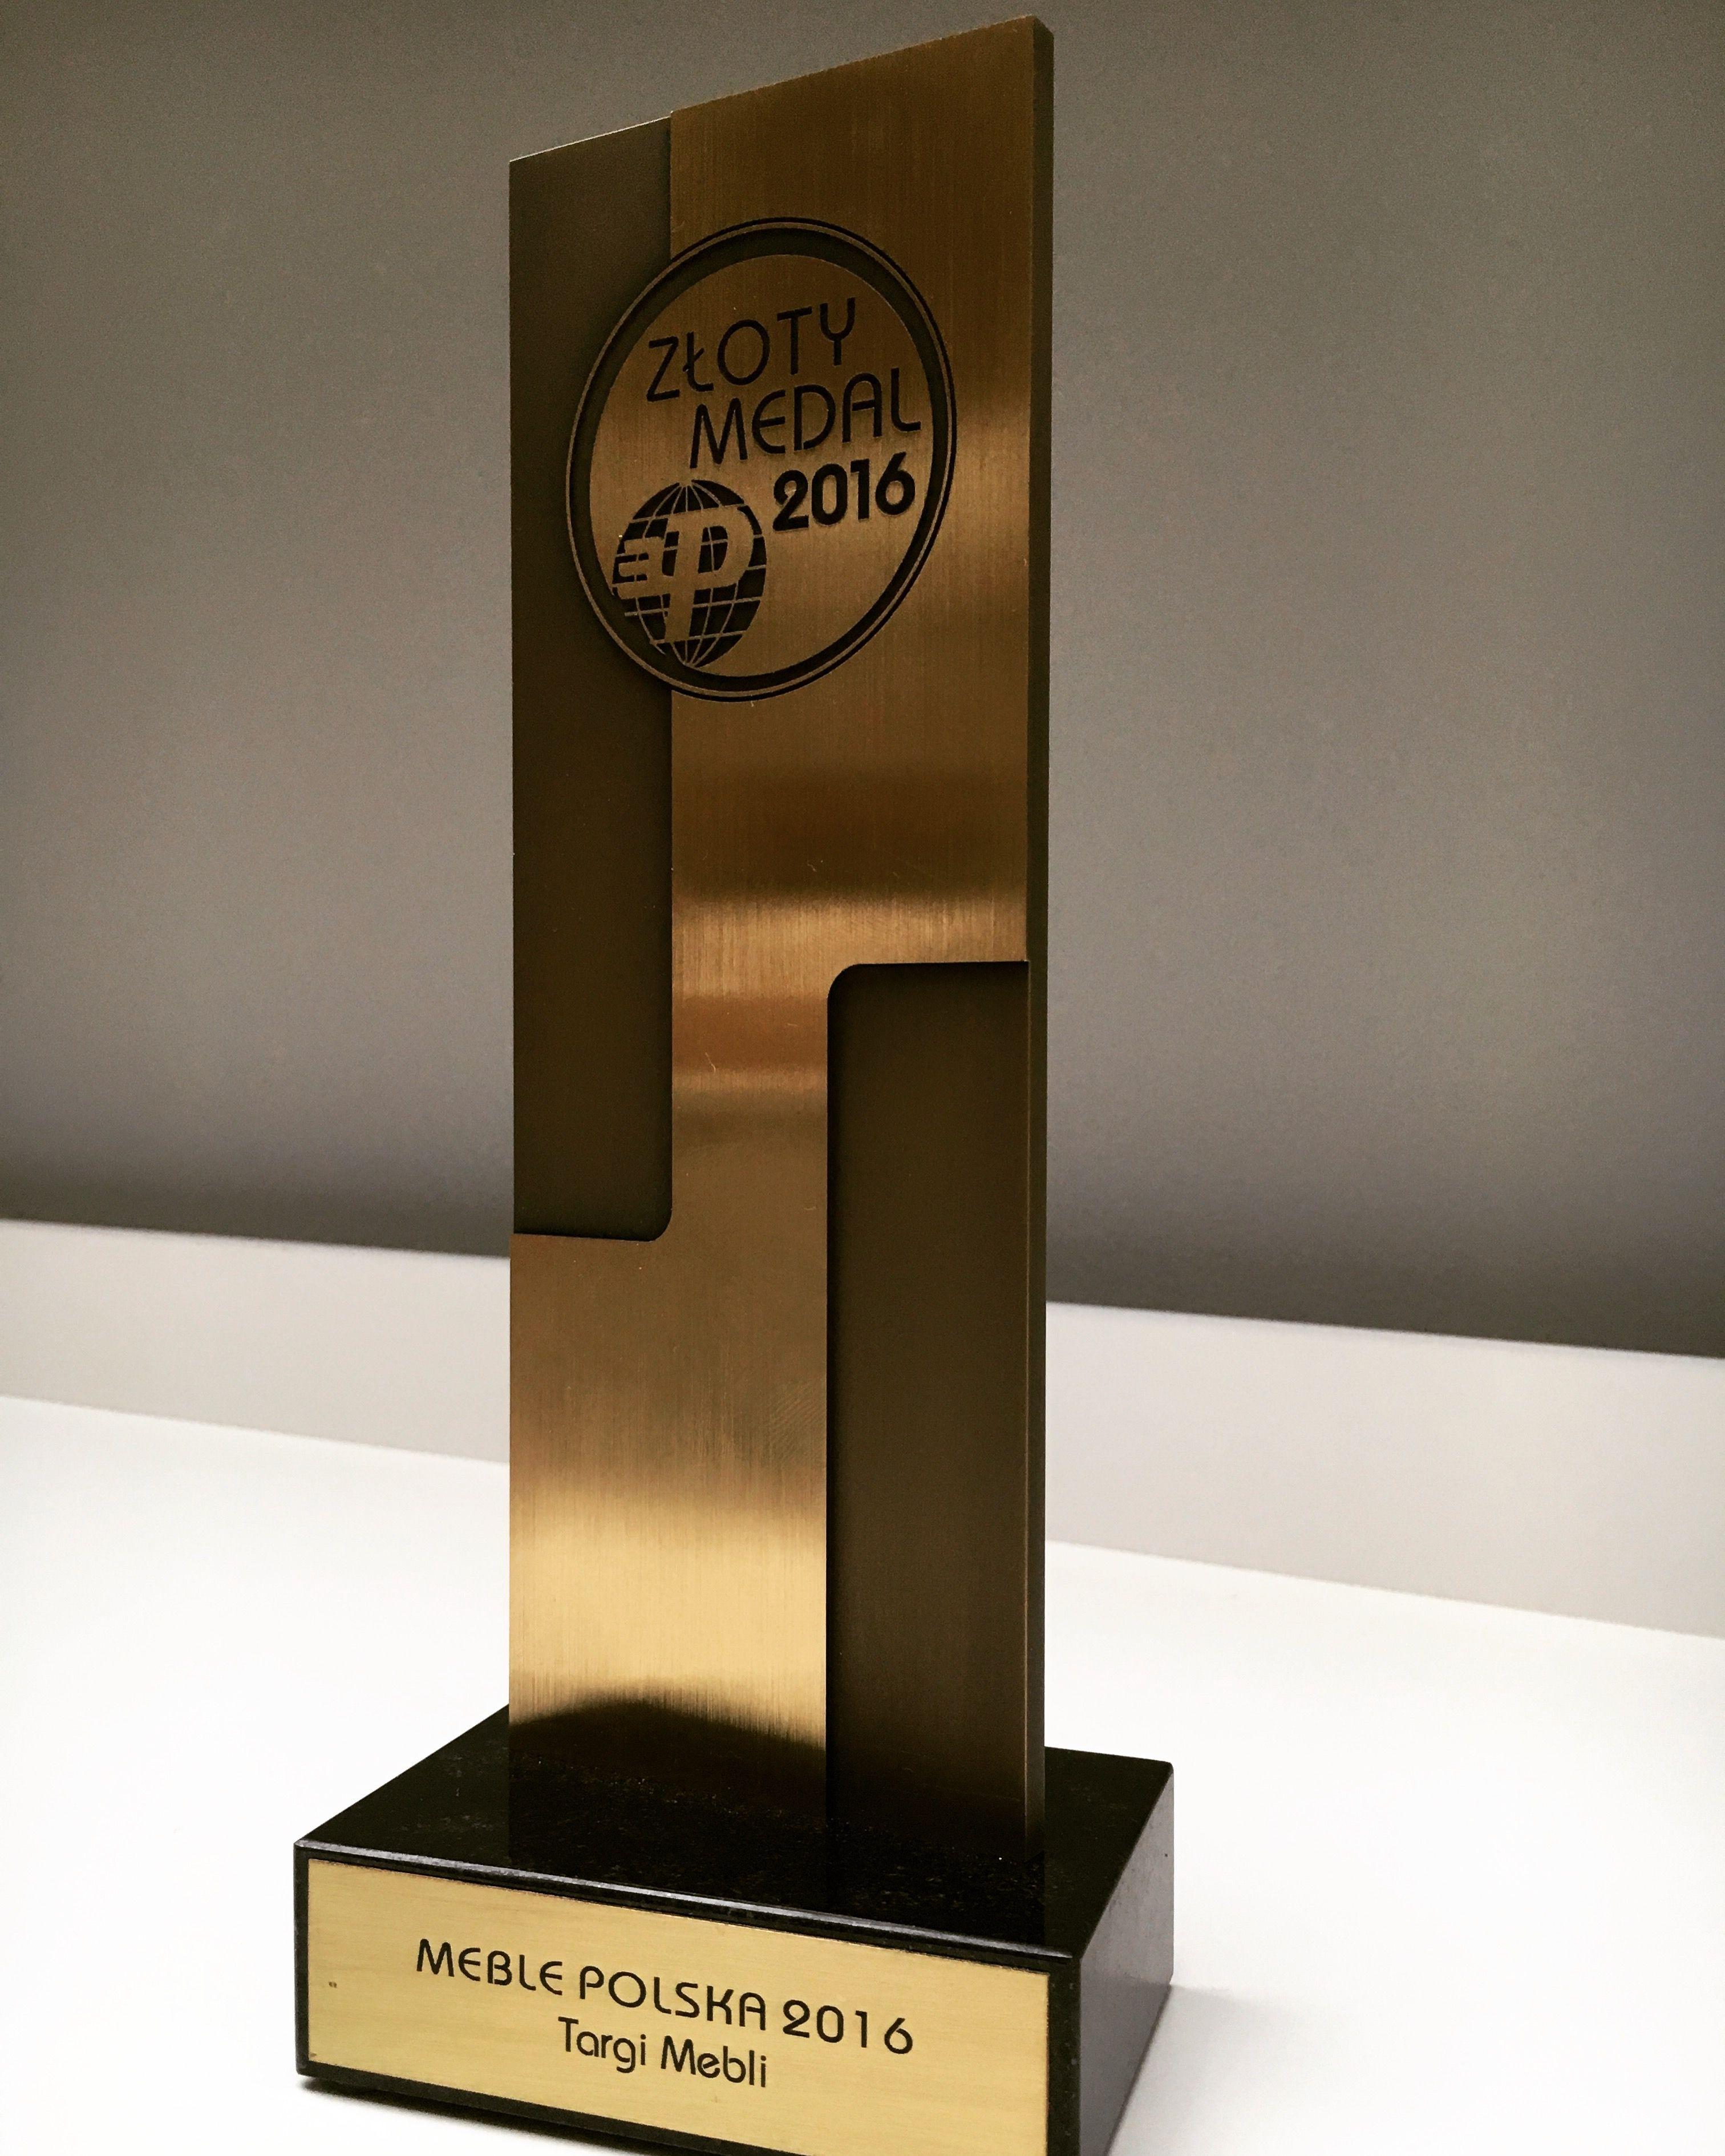 Złoty medal MTP za półkotapczan CONCEPT PRO #mtp #targipoznanskie #targimeblepolska #zlotymedal